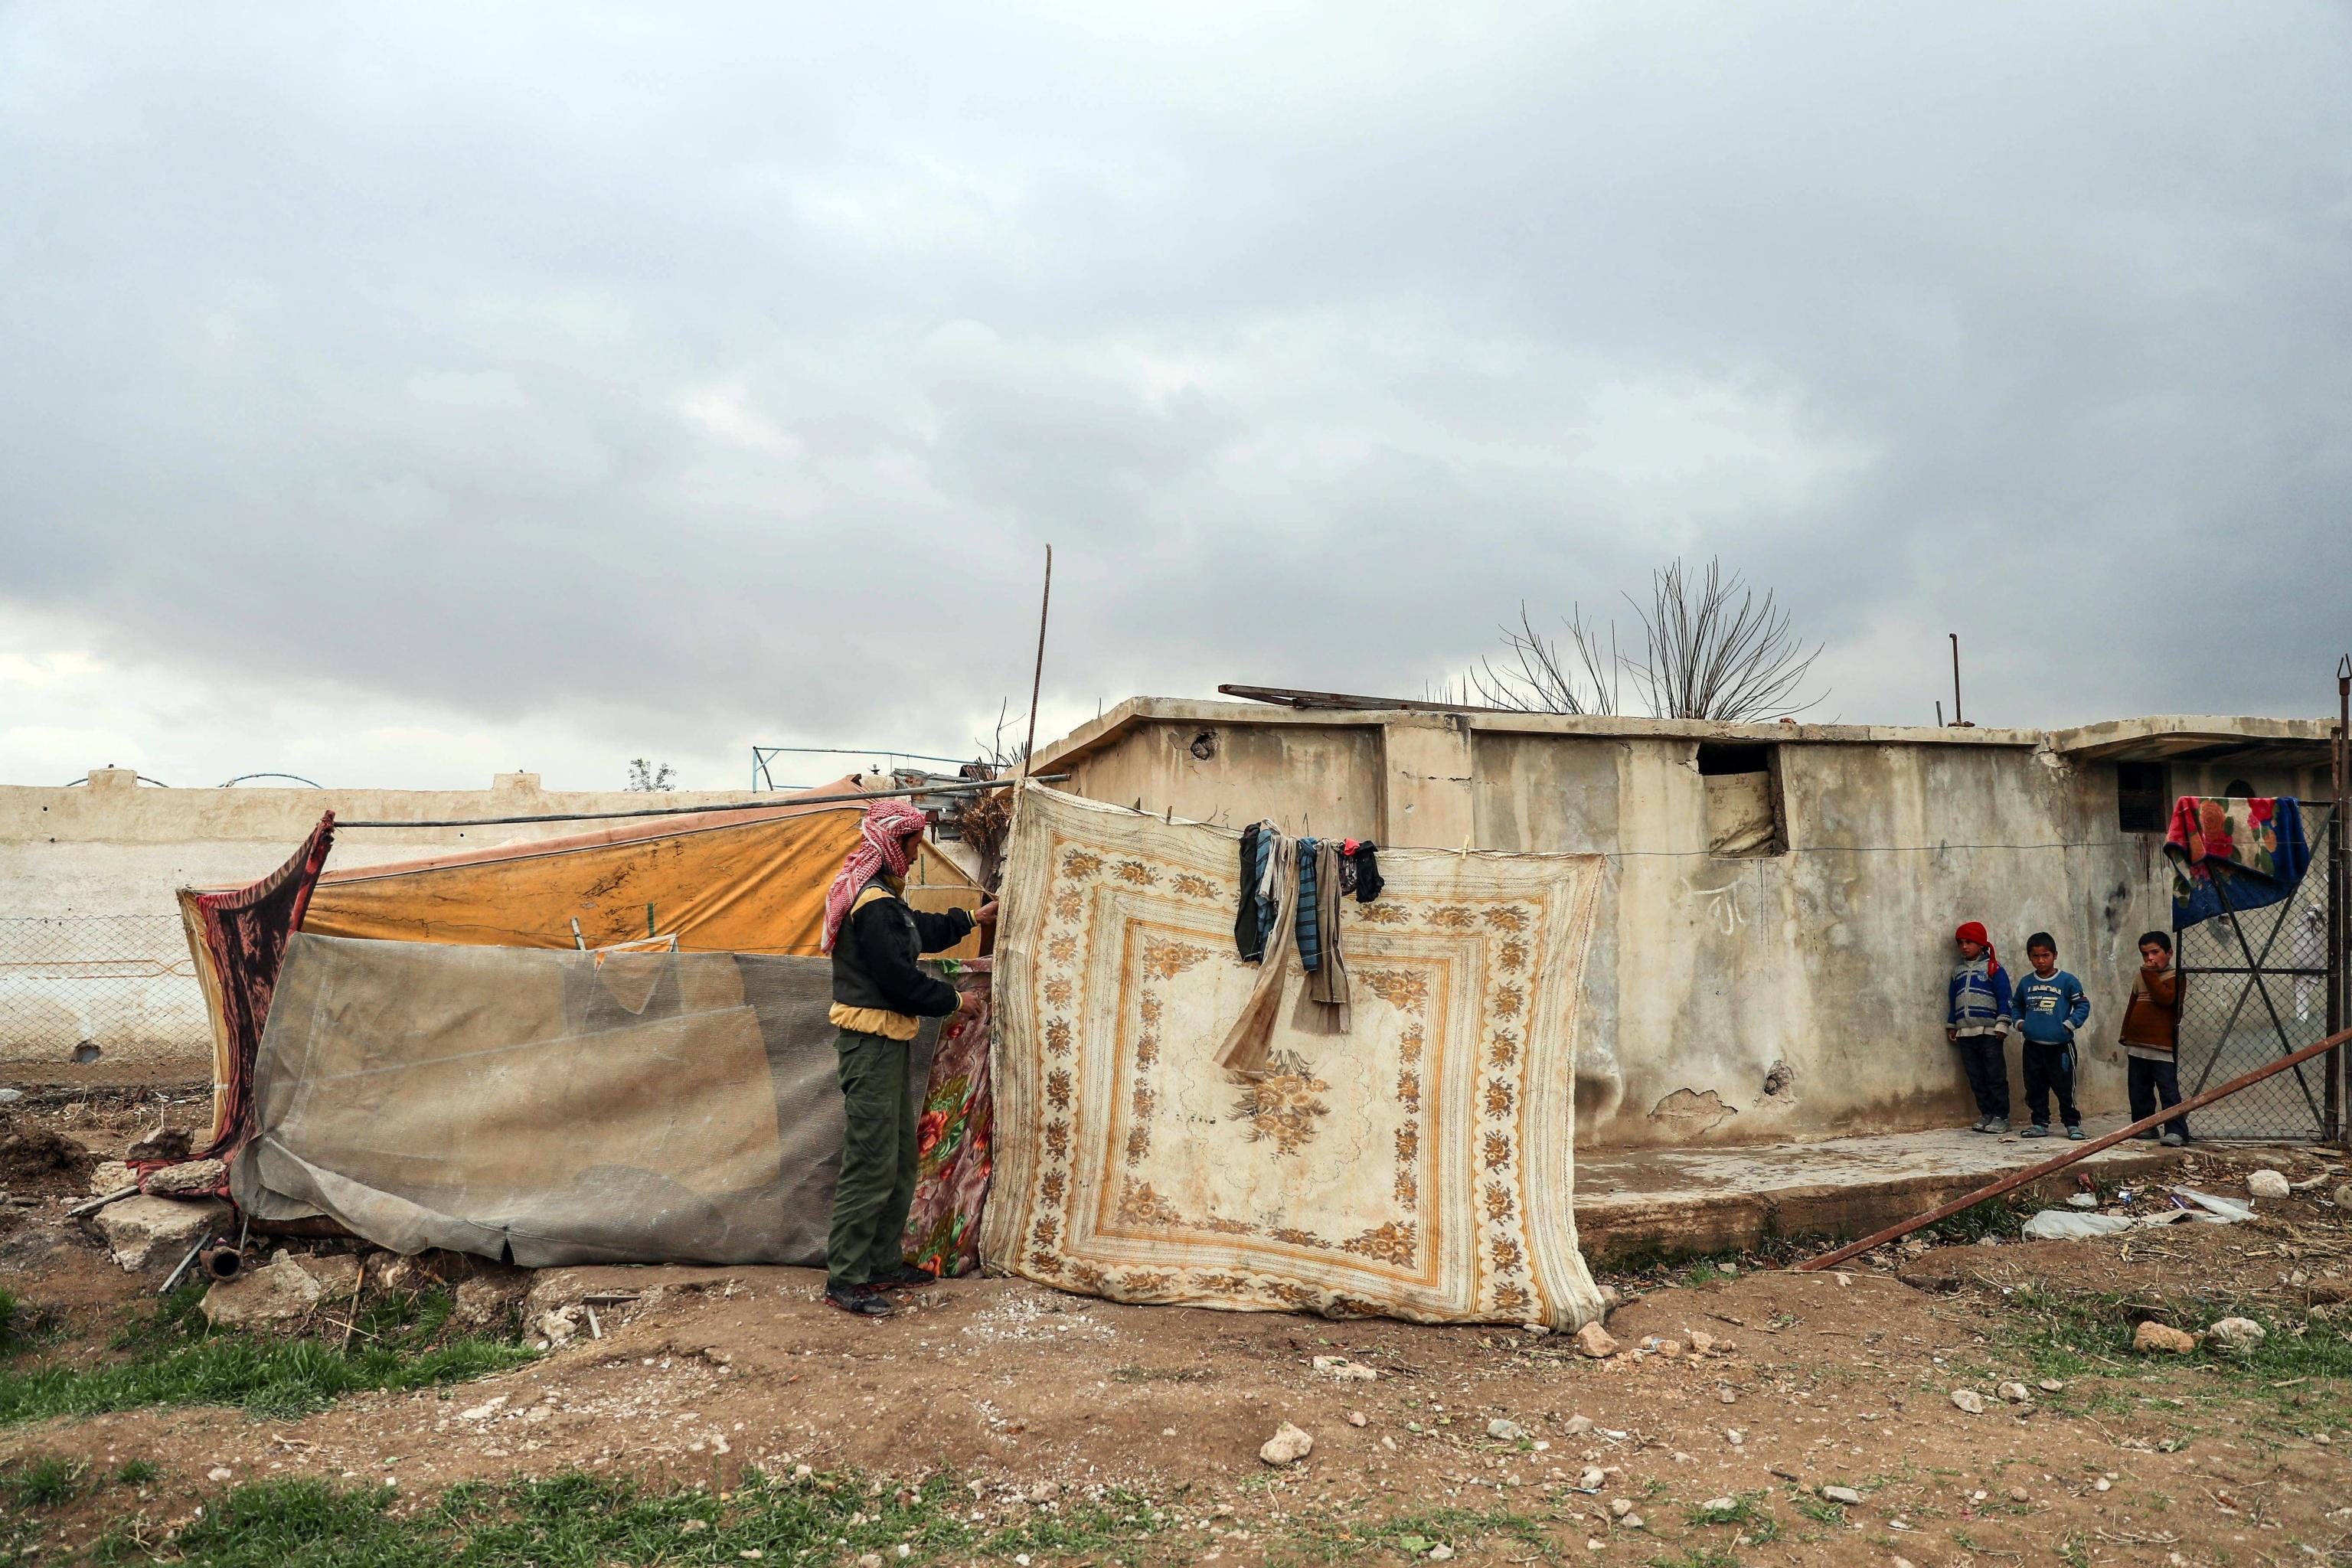 Un accampamento ad al-Asha'ari, est Ghouta in Siria